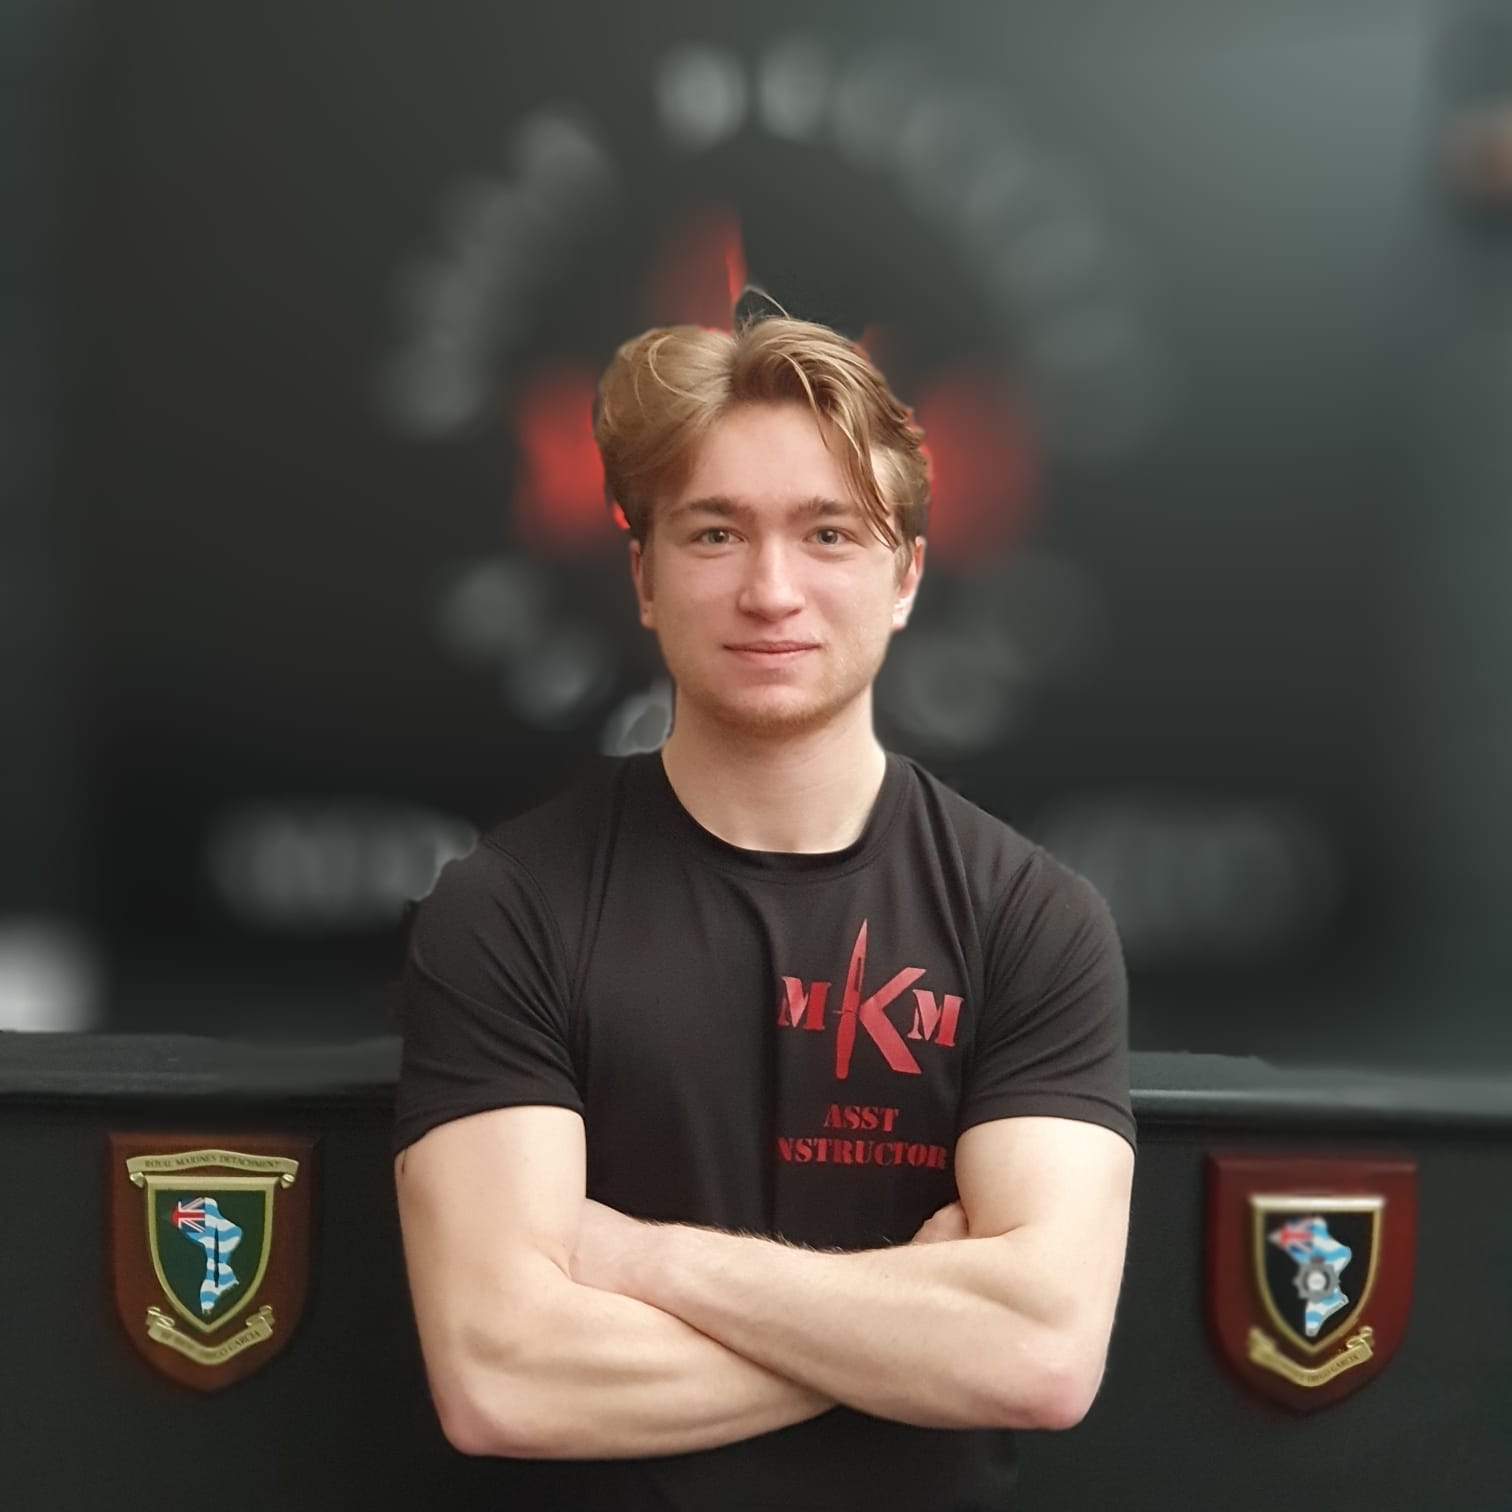 Ben Cross MKM Instructor